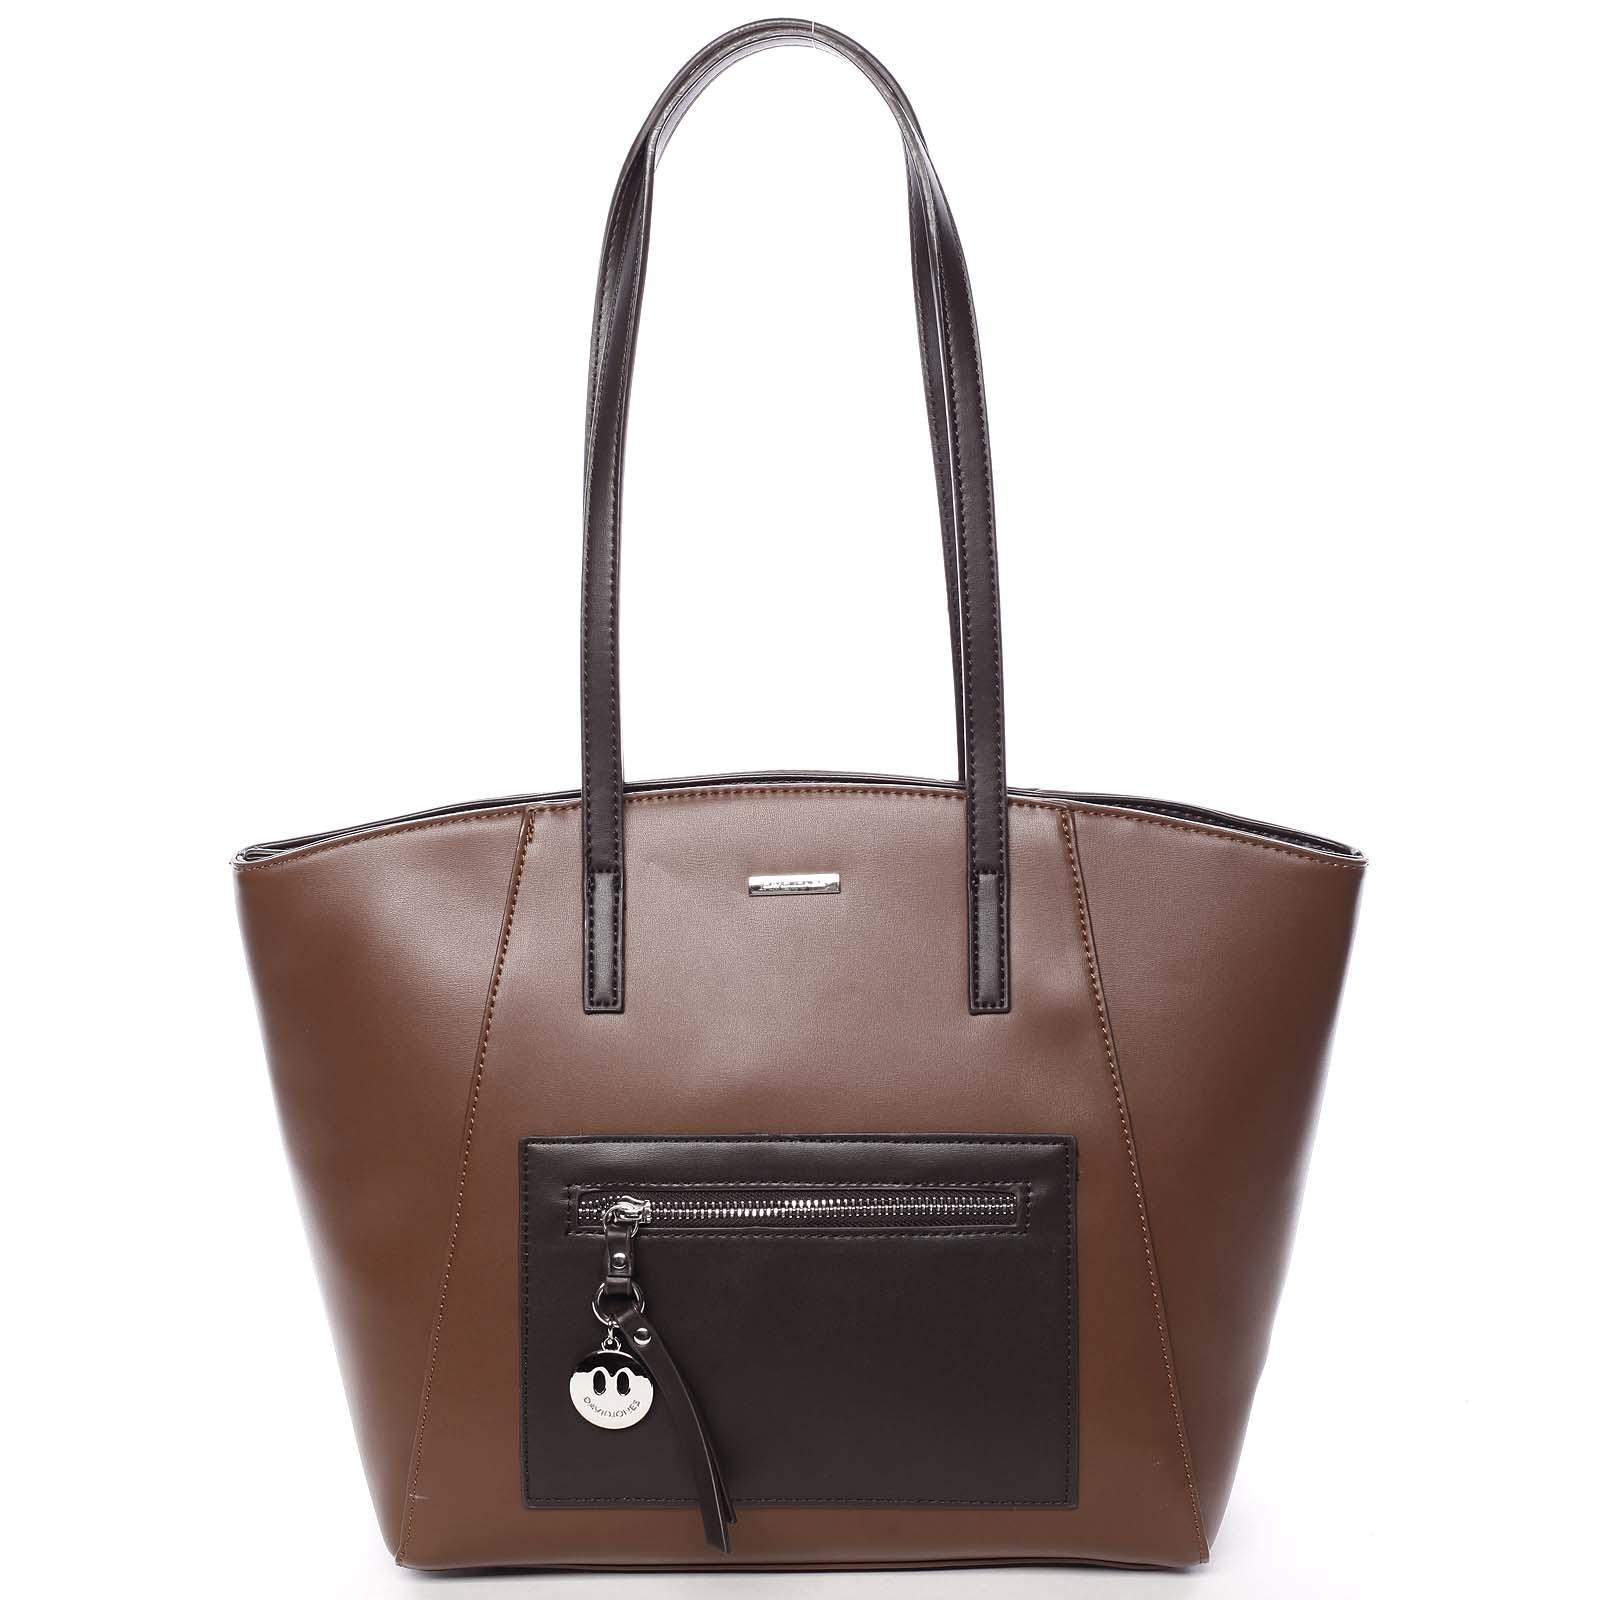 Moderní dámská kabelka přes rameno hnědá - David Jones Adria